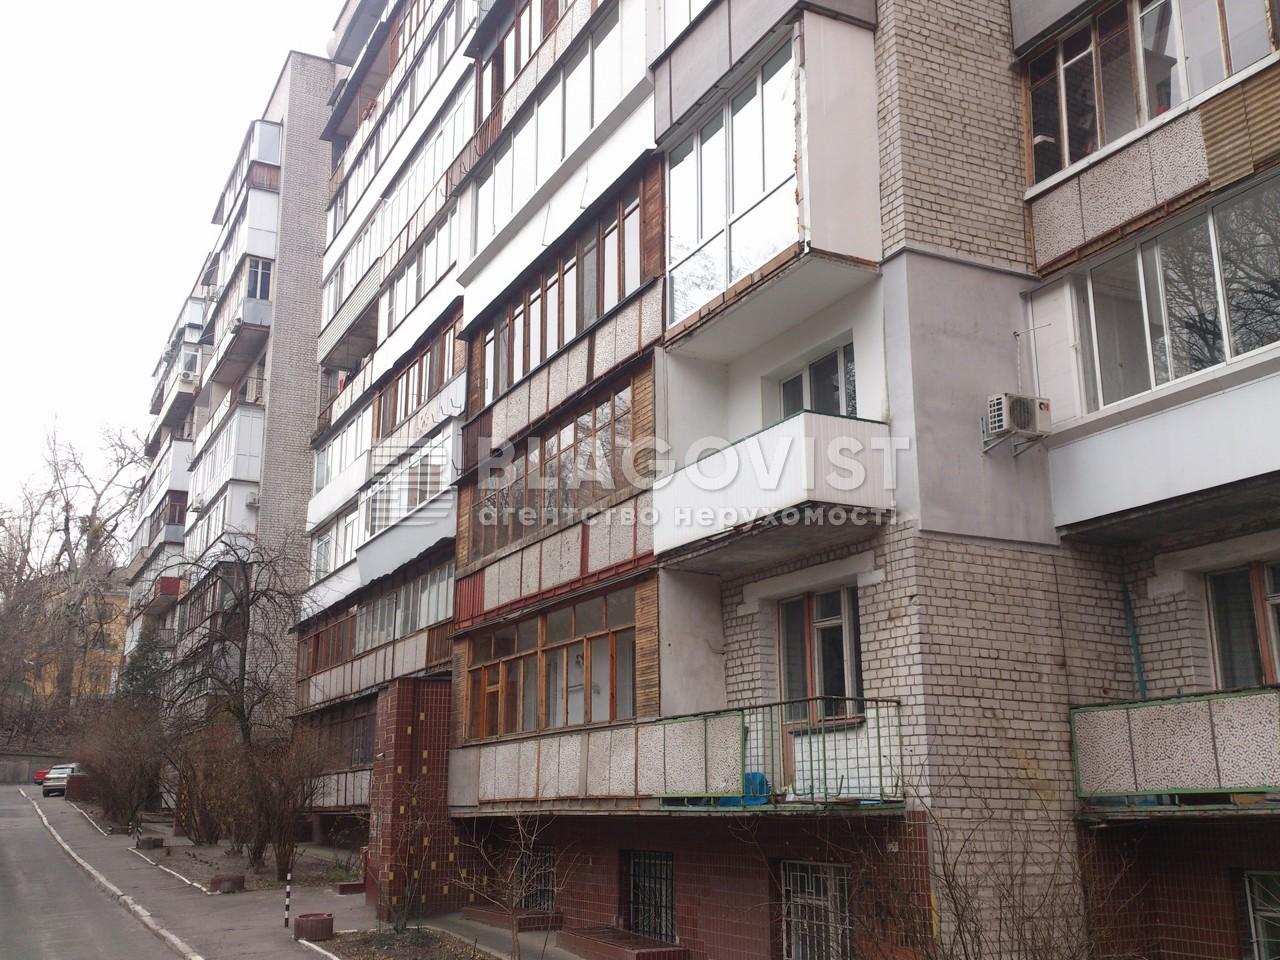 Квартира C-104449, Тютюнника Василия (Барбюса Анри), 5б, Киев - Фото 3